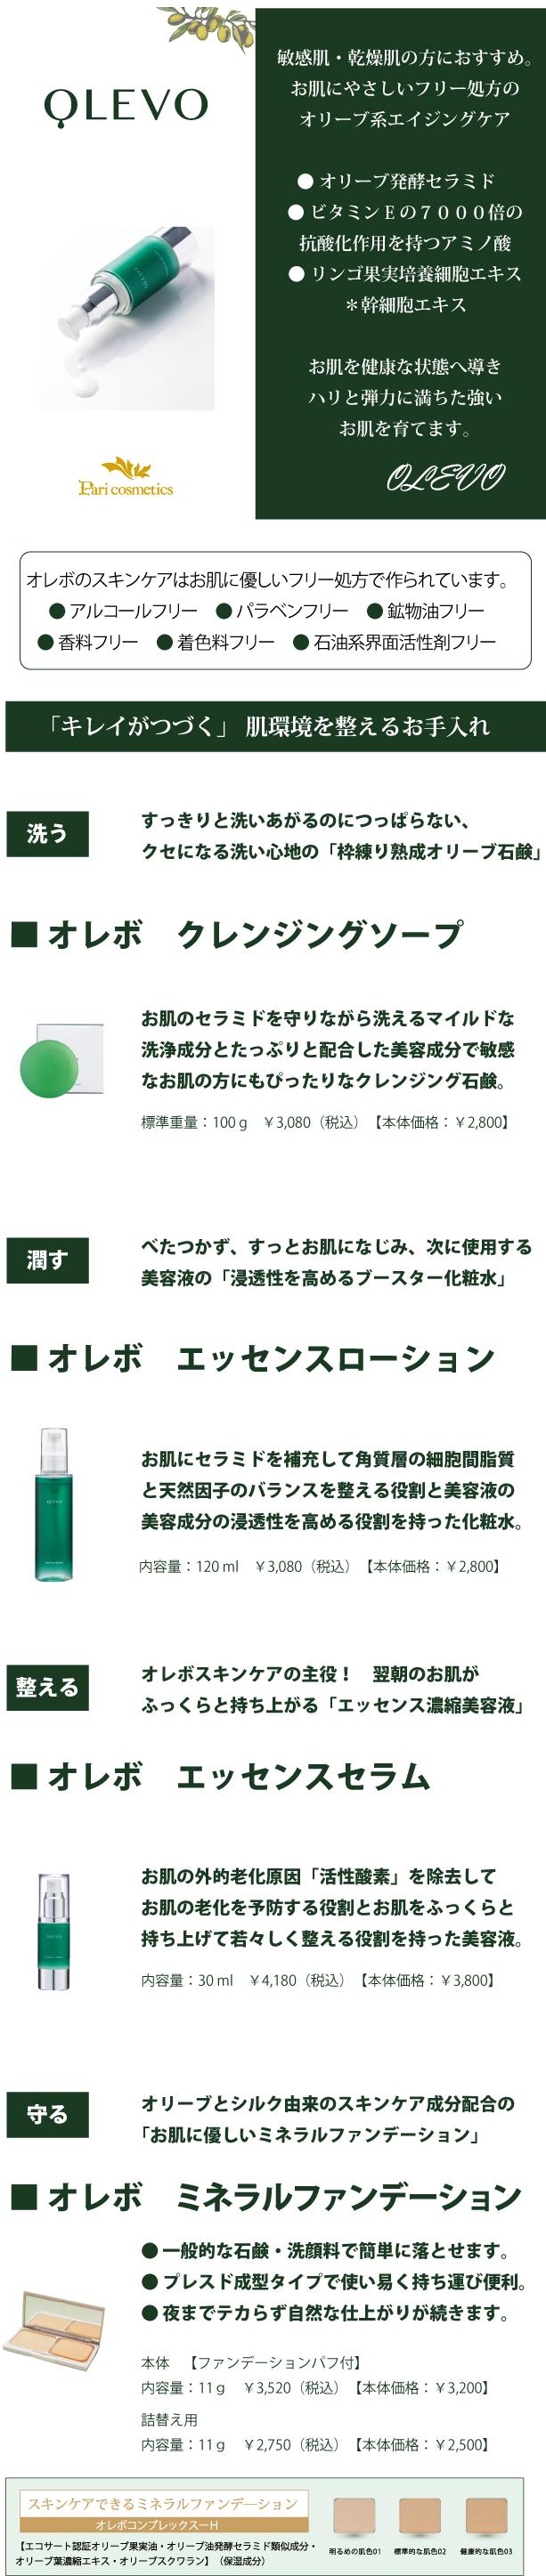 OLEVO-スキンケア 商品ページ